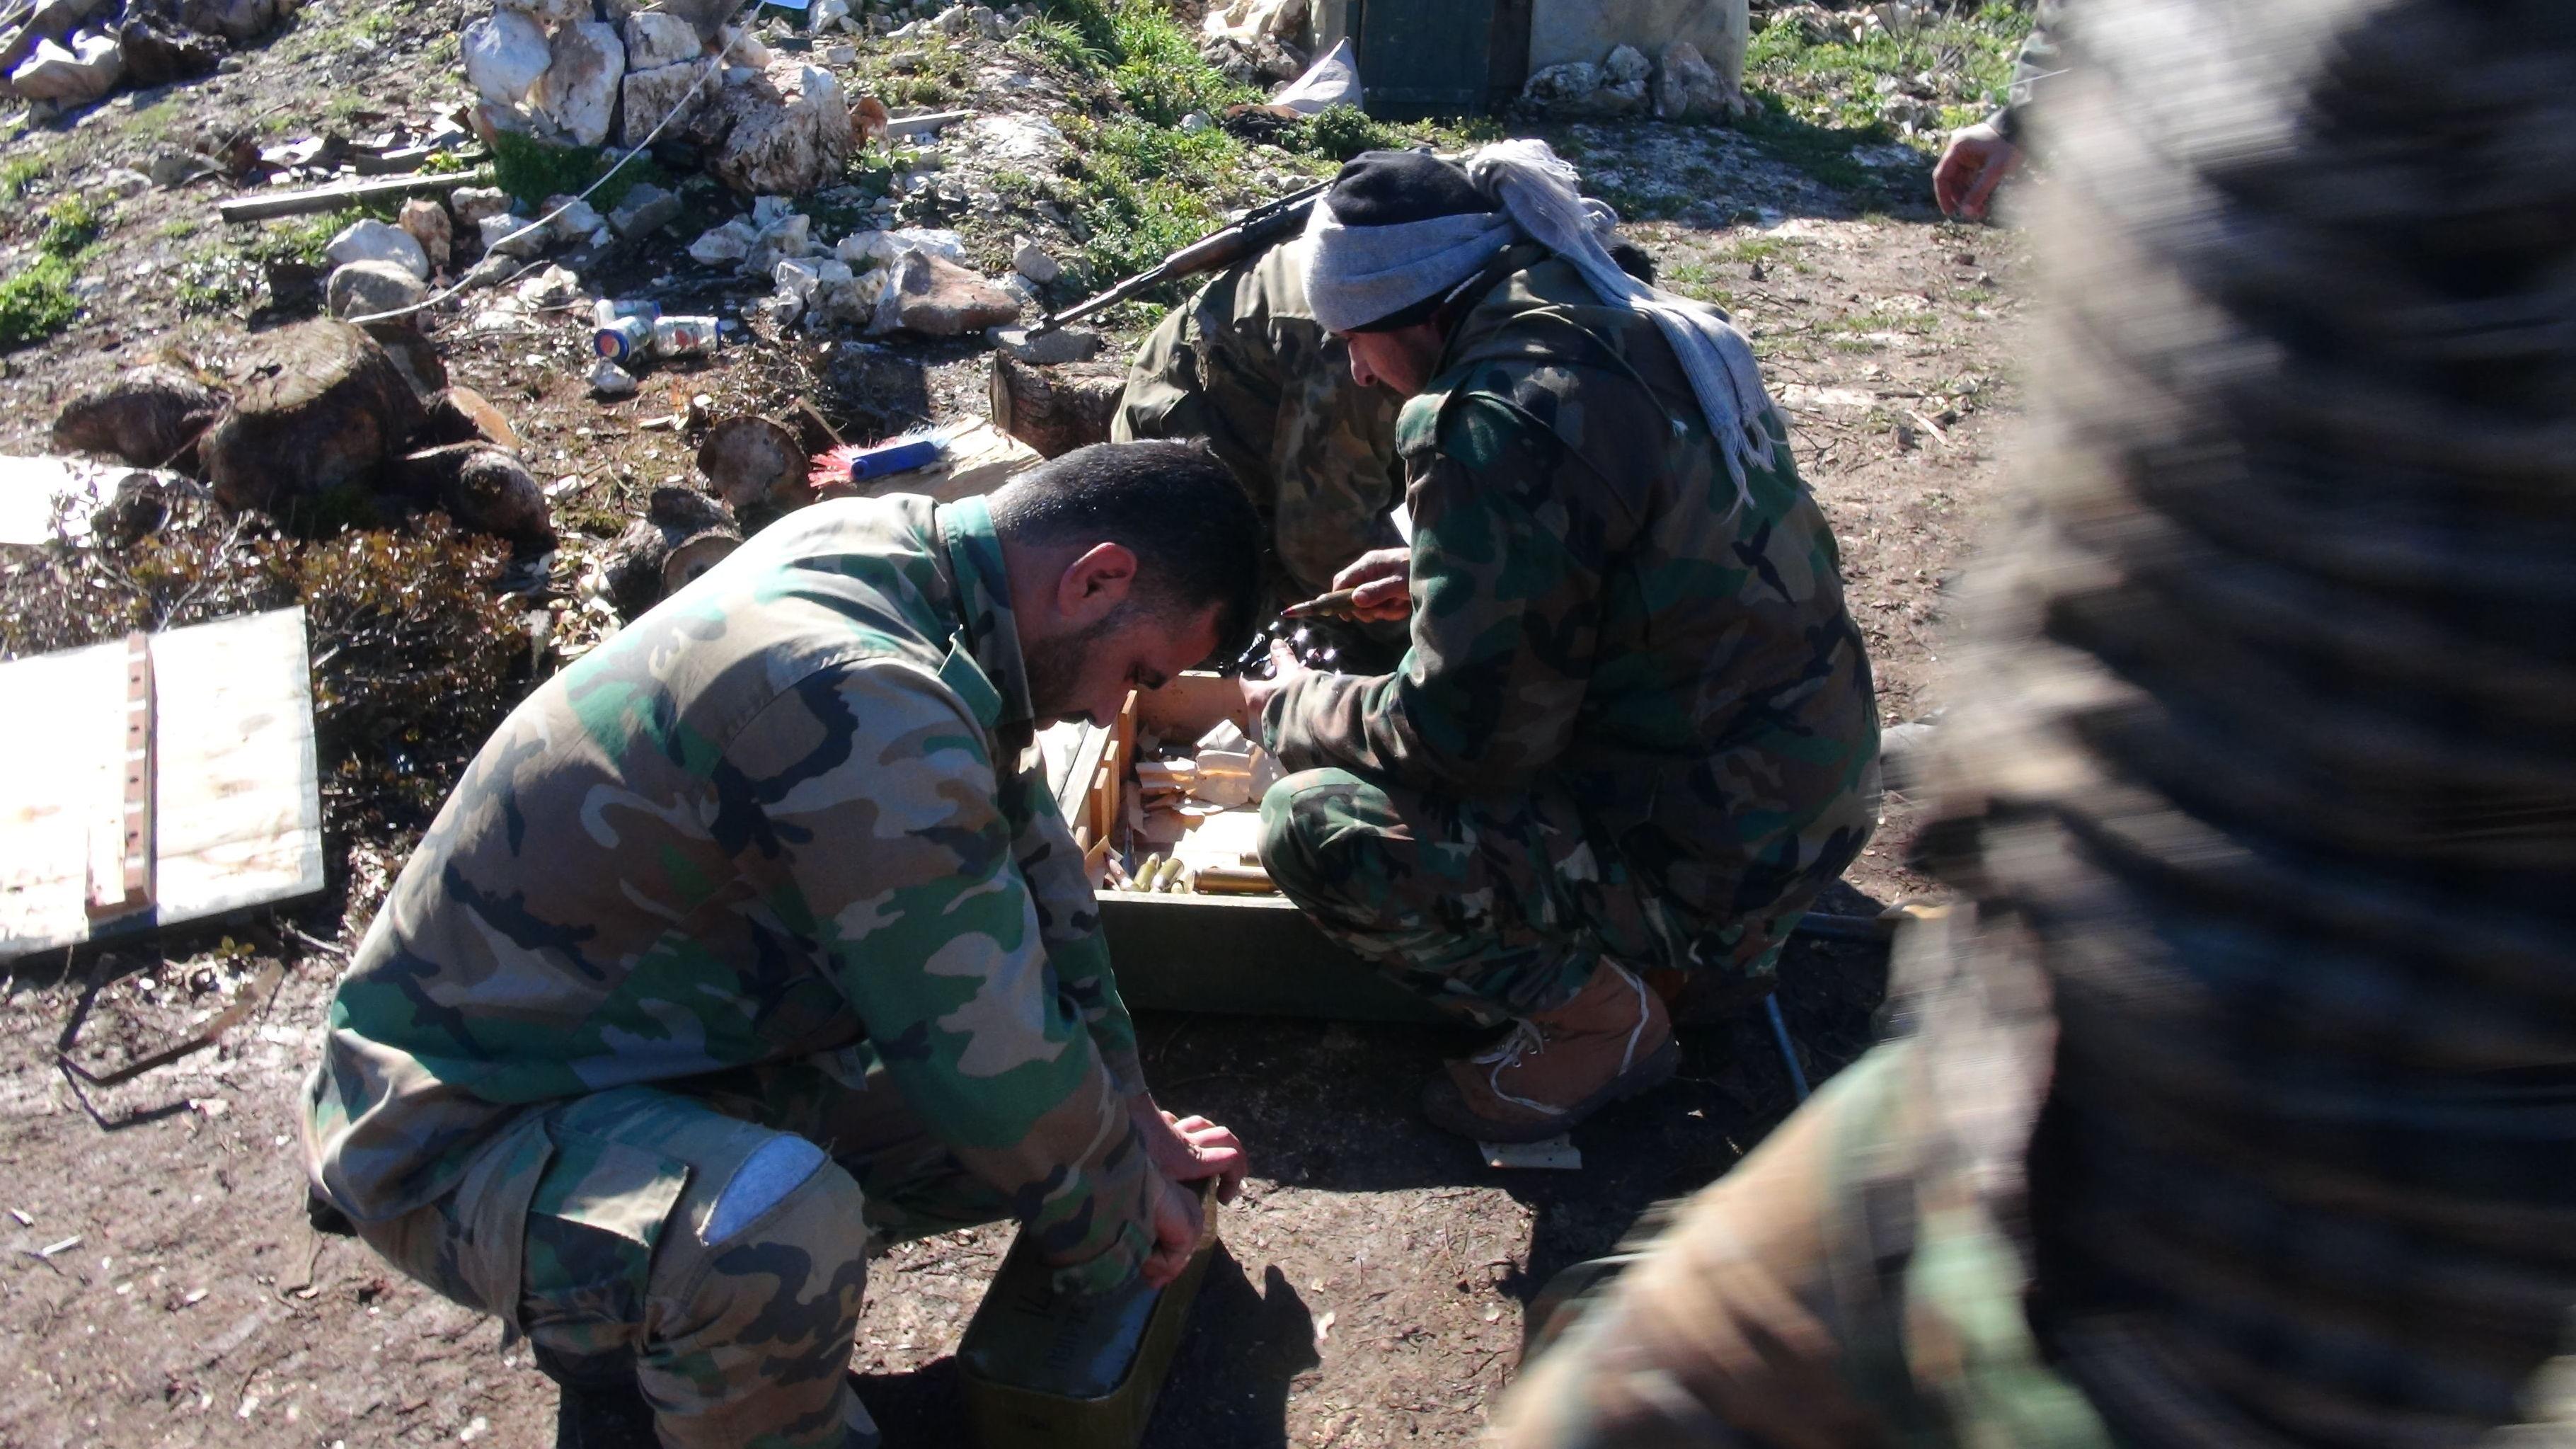 بالفيديو.. القوات السورية توجه مرابط النيران وتستعد للاحتمالات بريف اللاذقية